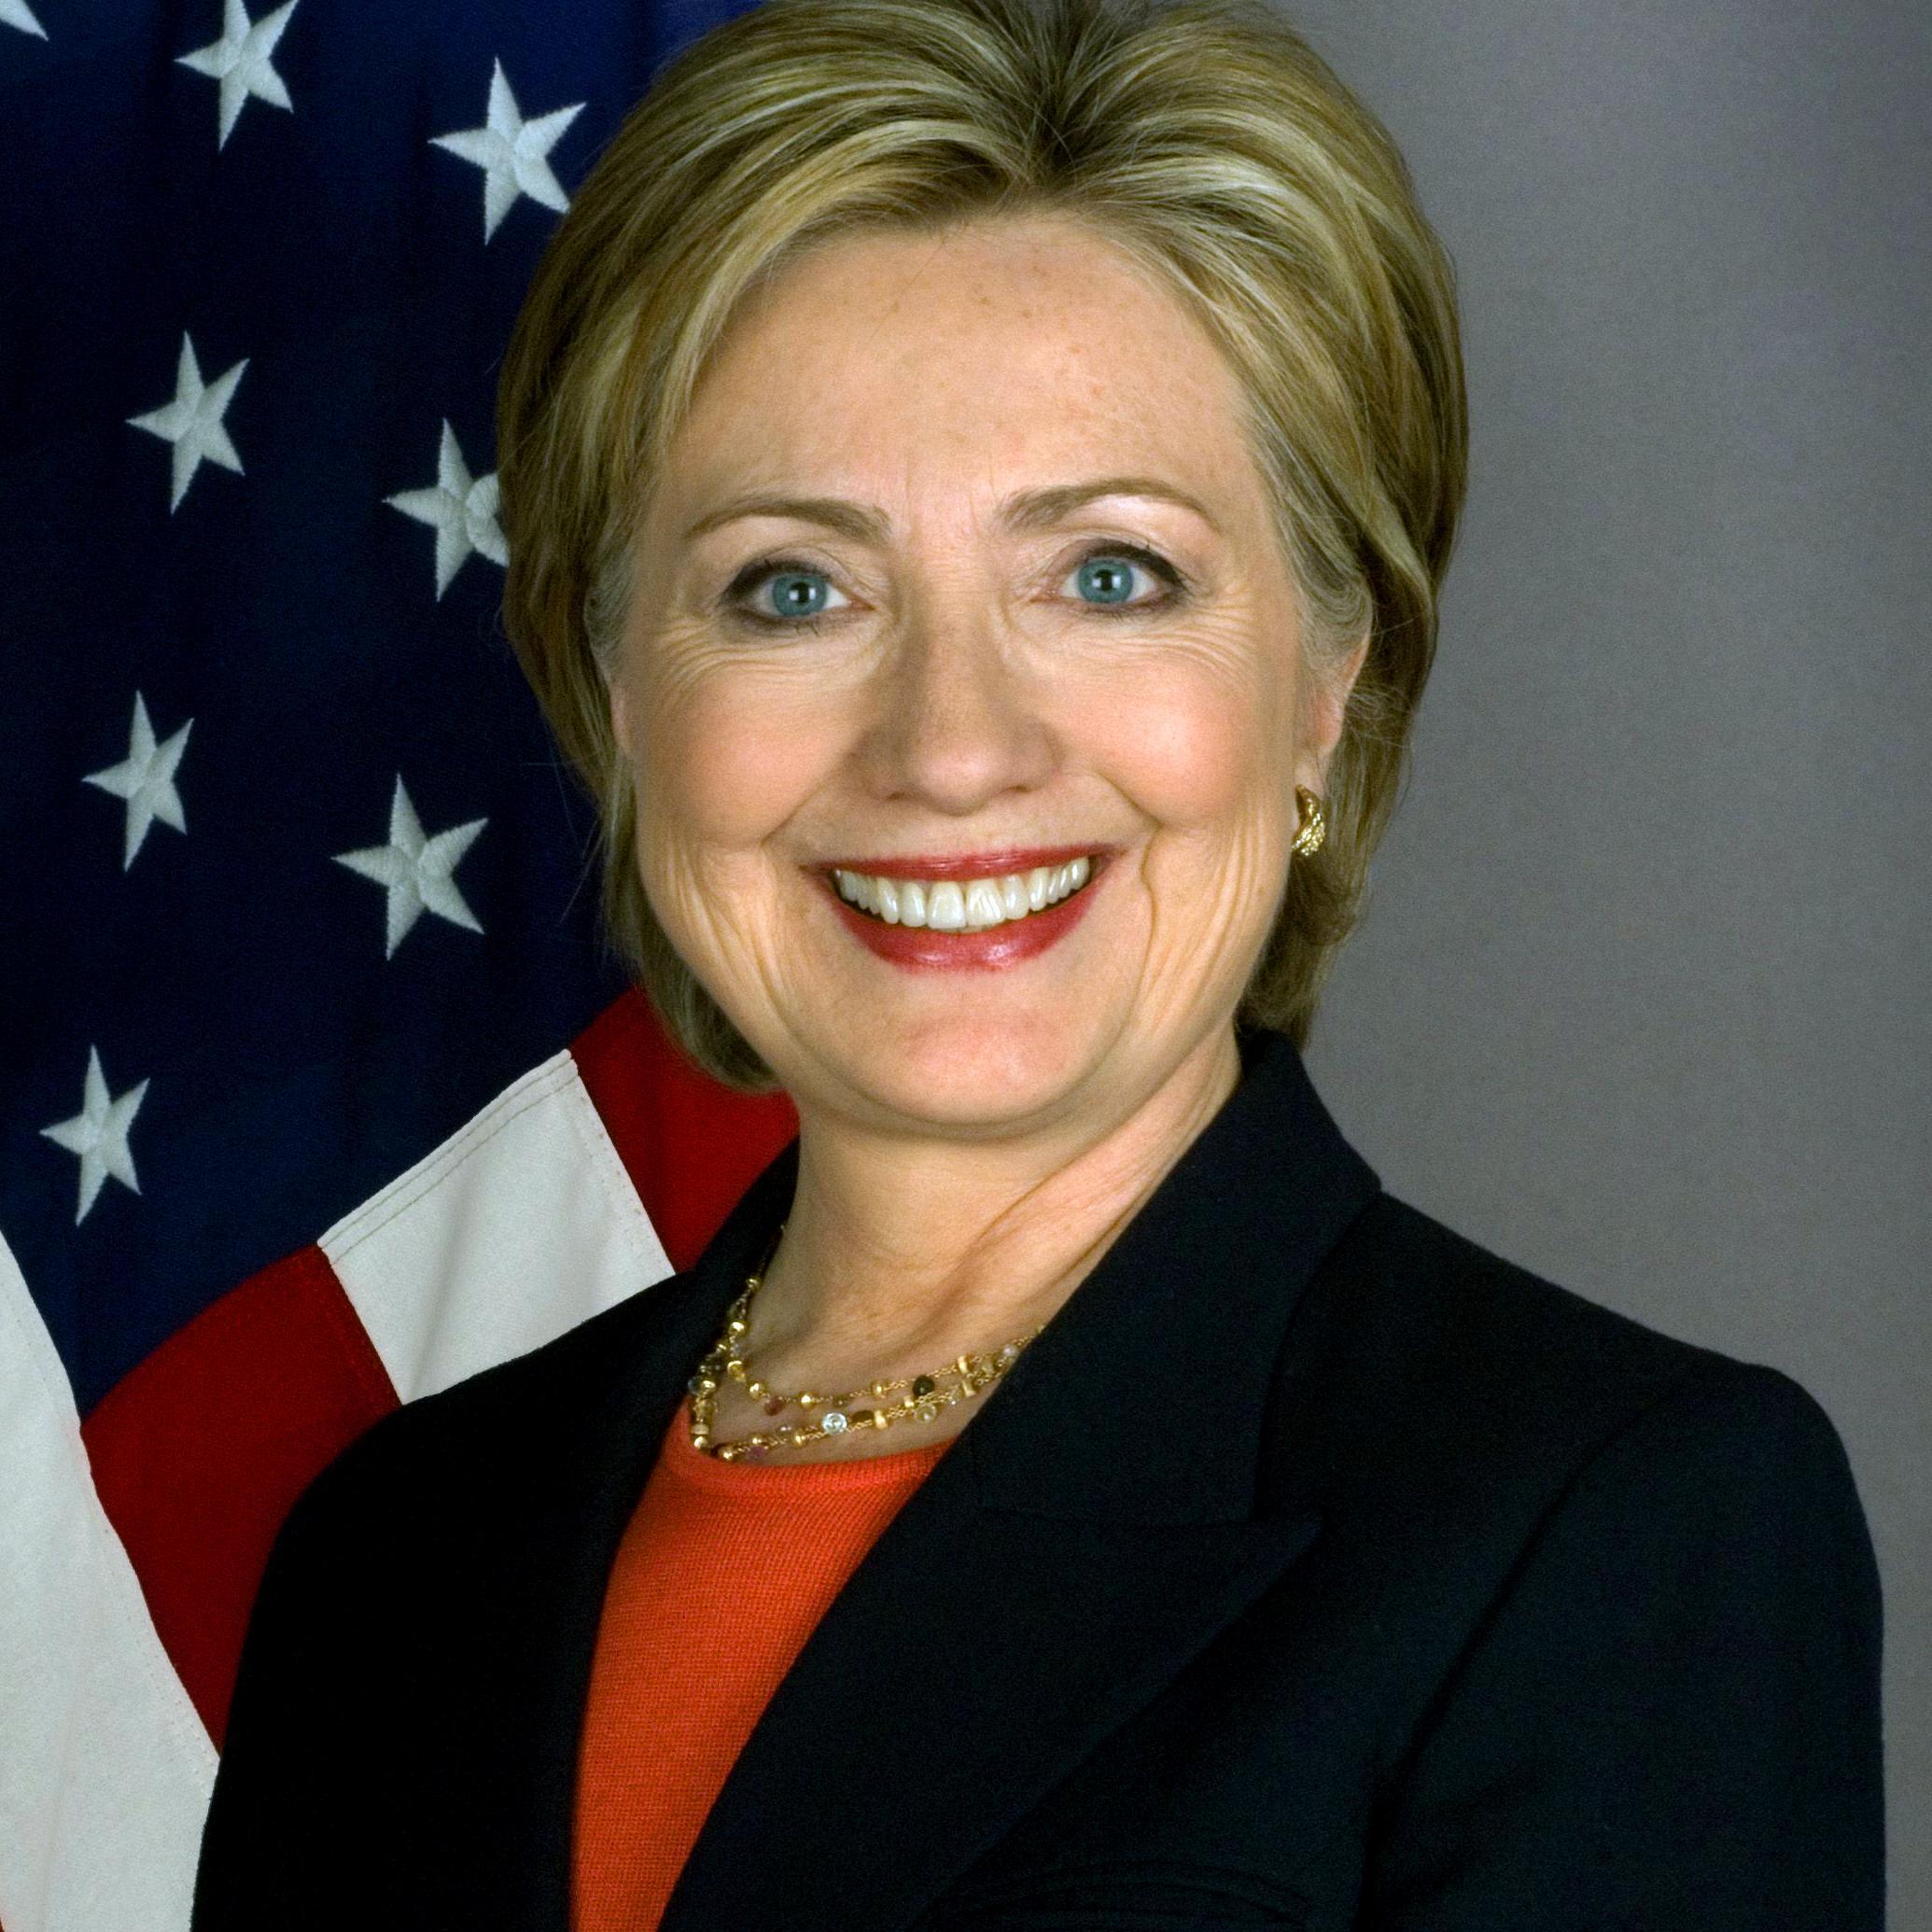 Hillary Clinton News